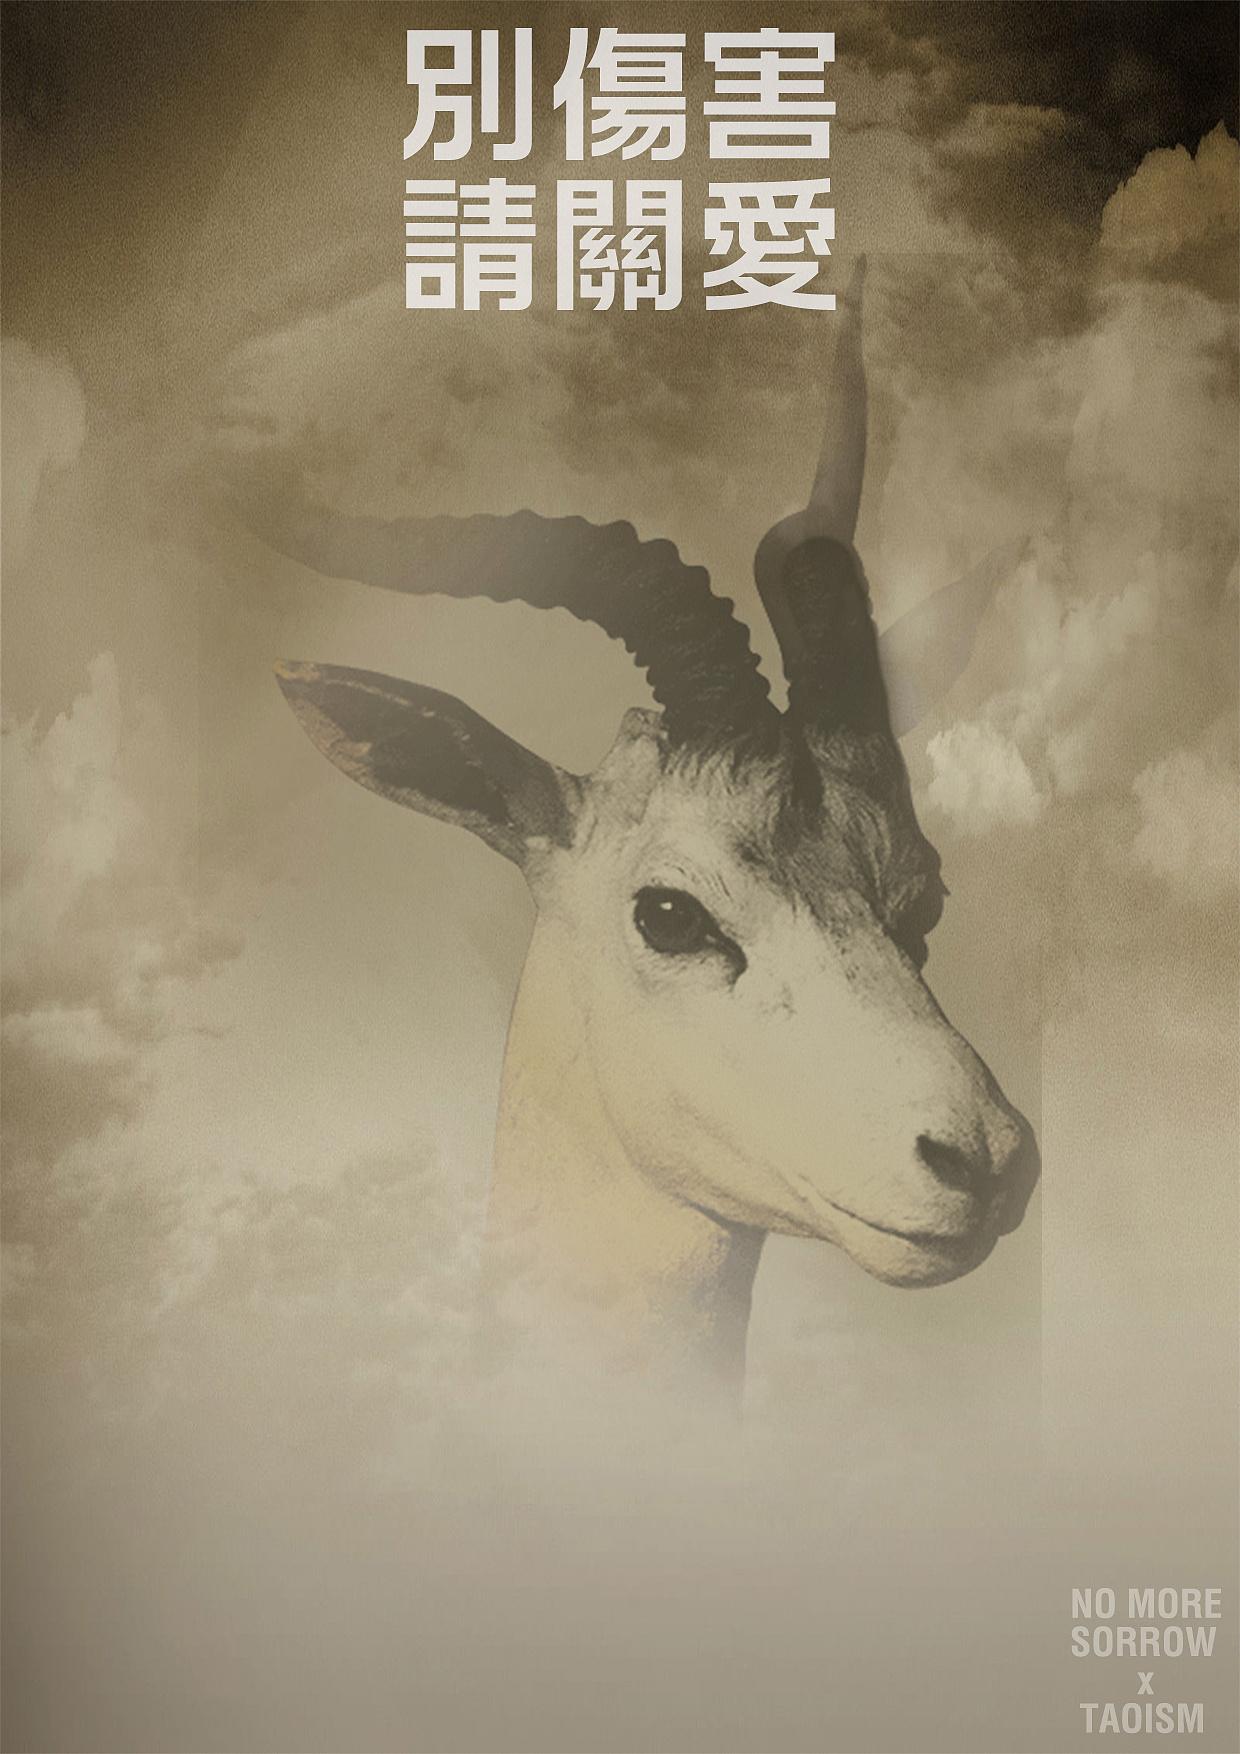 音乐海报_WWF公益海报|平面|海报|唐宗我部 - 原创作品 - 站酷 (ZCOOL)